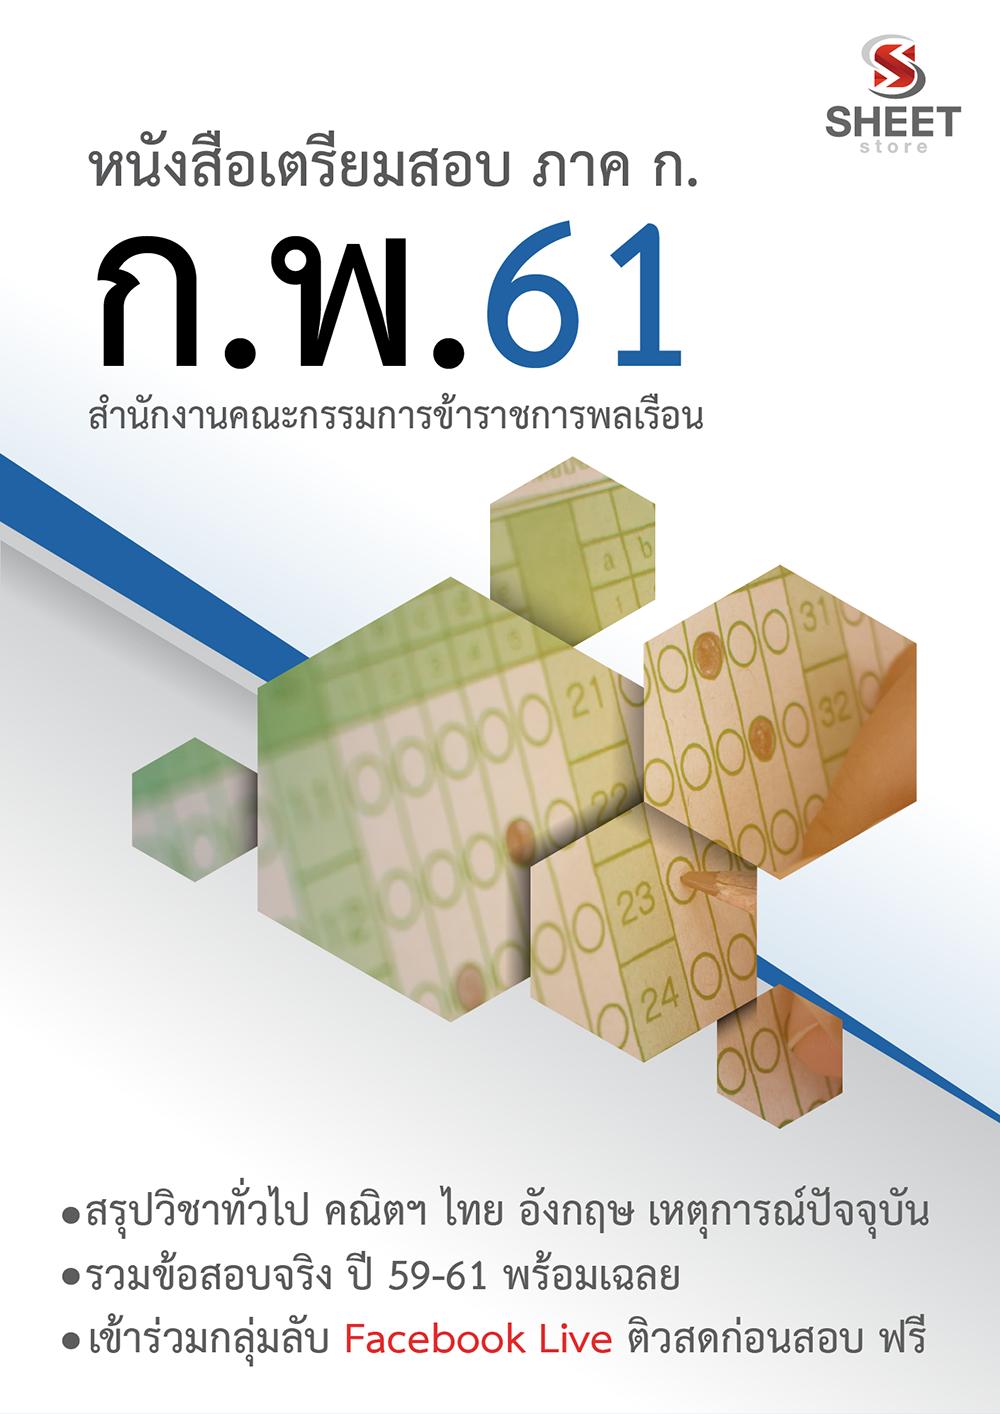 หนังสือเตรียมสอบ เพื่อวัดความรู้ความสามารถทั่วไป (ภาค ก) ประจำปี 2561 สำนักงาน ก.พ. (พร้อมเฉลย)